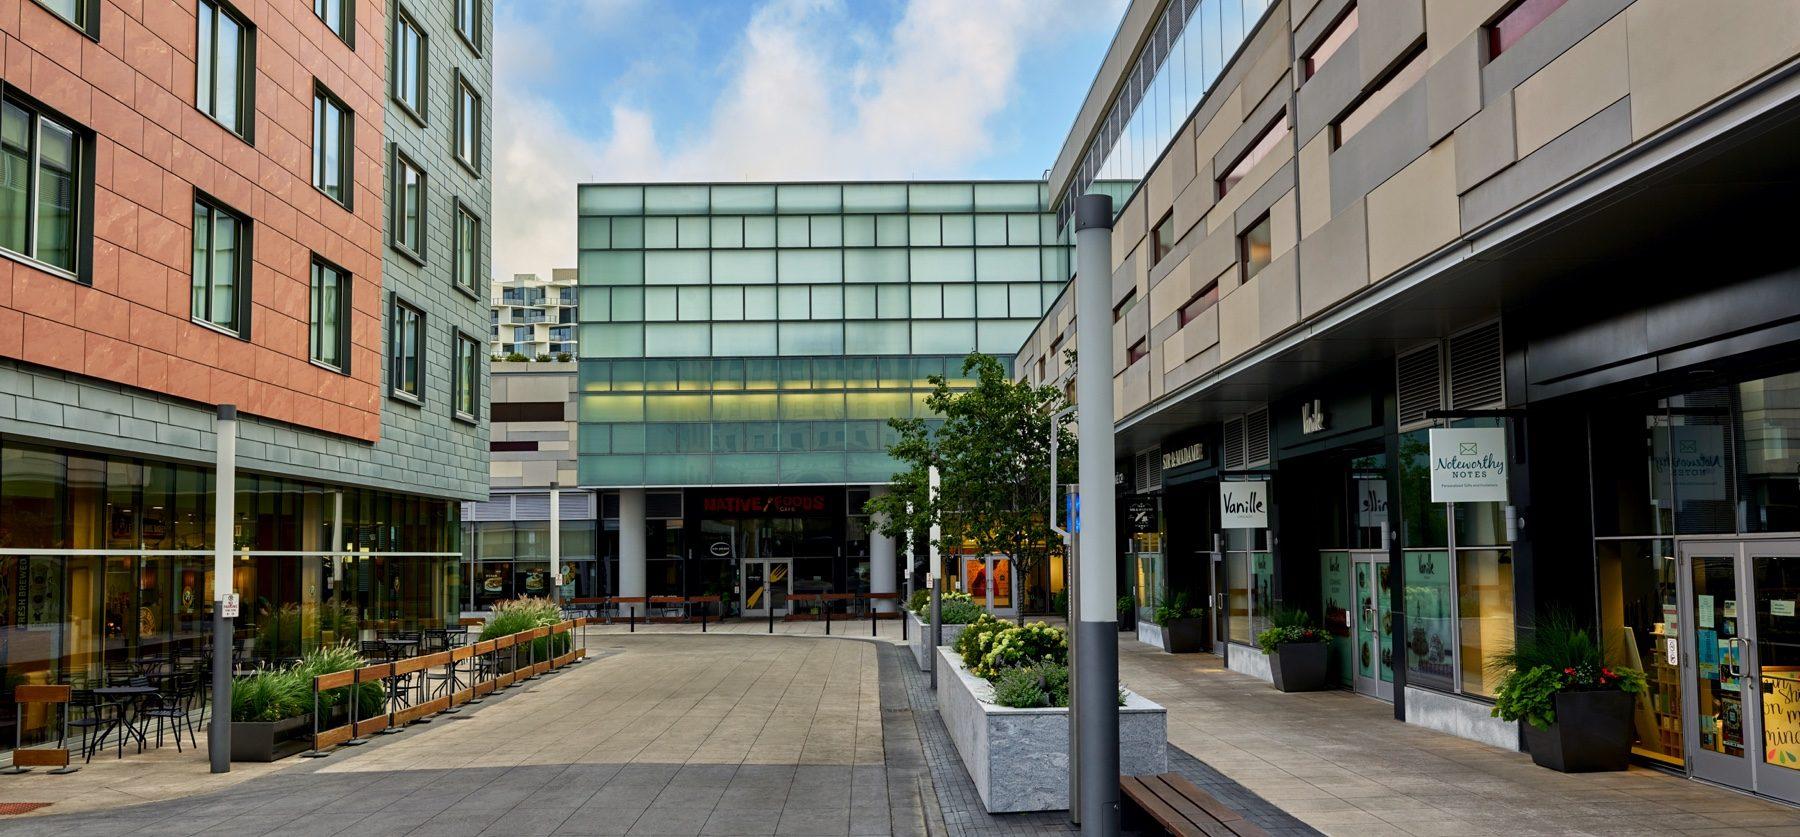 Harper Court Businesses built by Vermilion